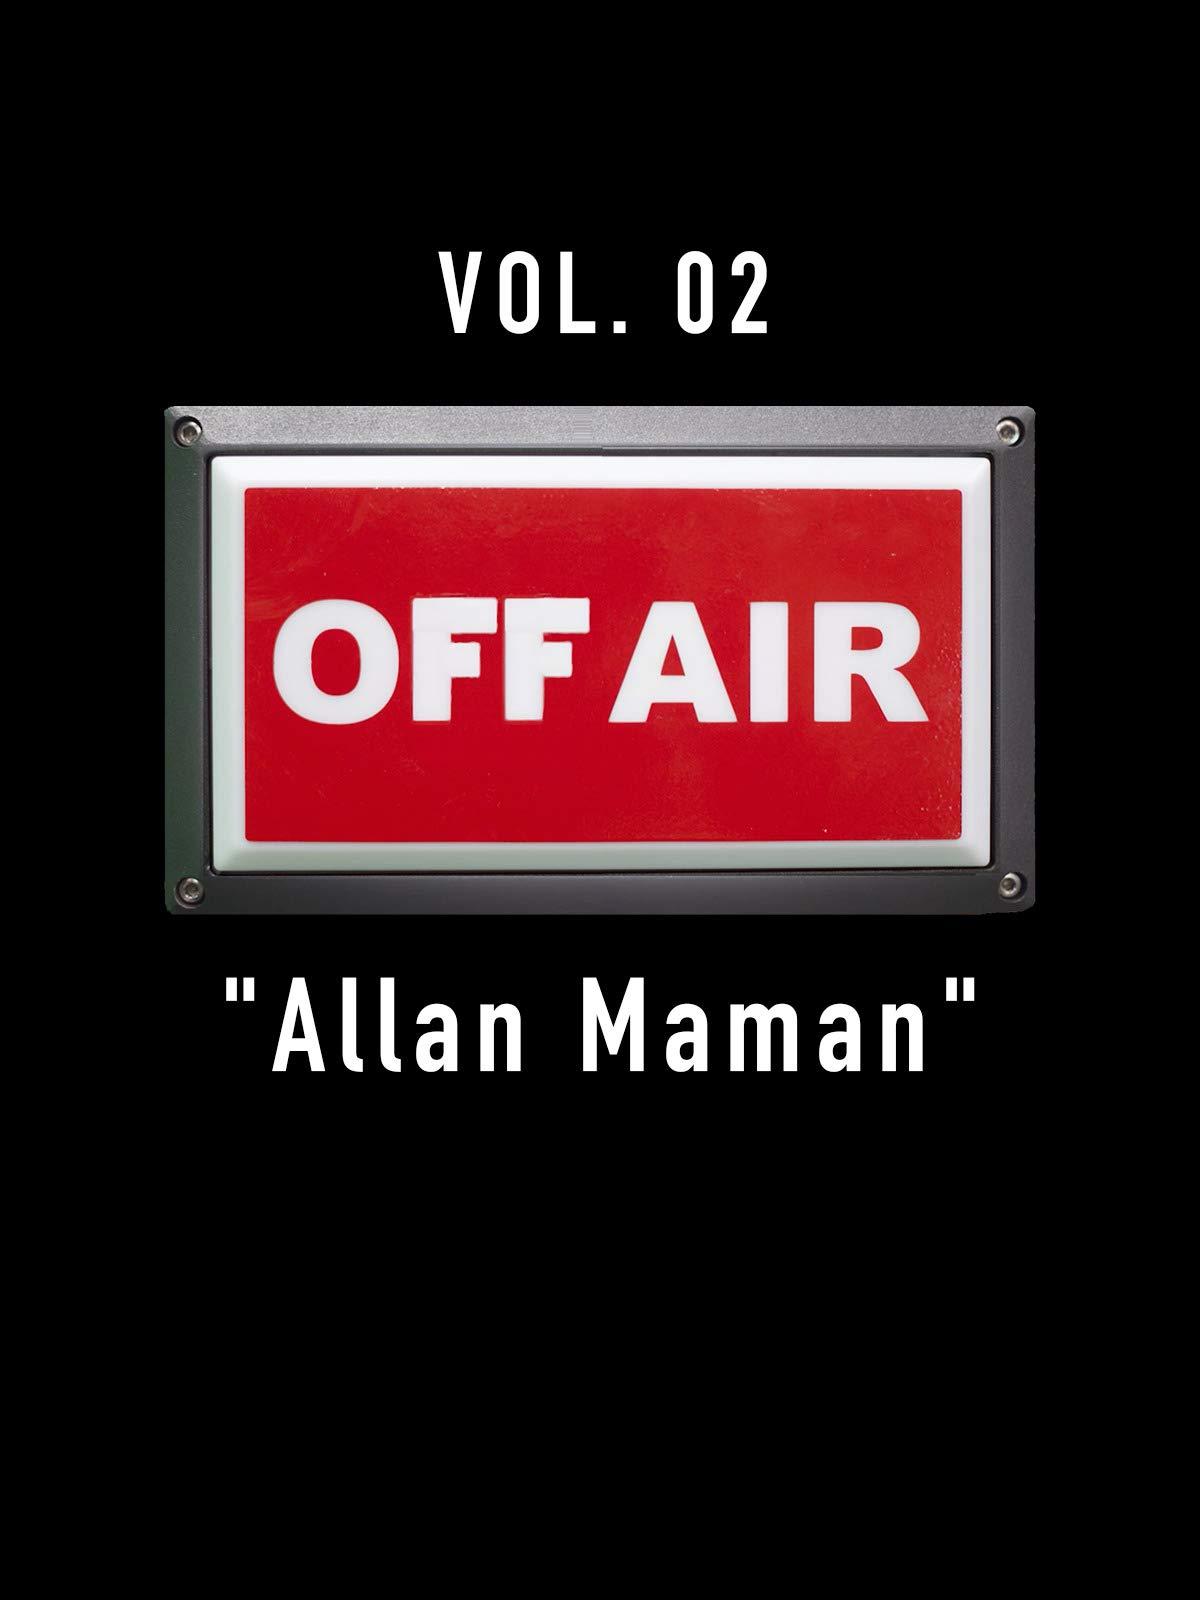 Off-Air Vol. 02